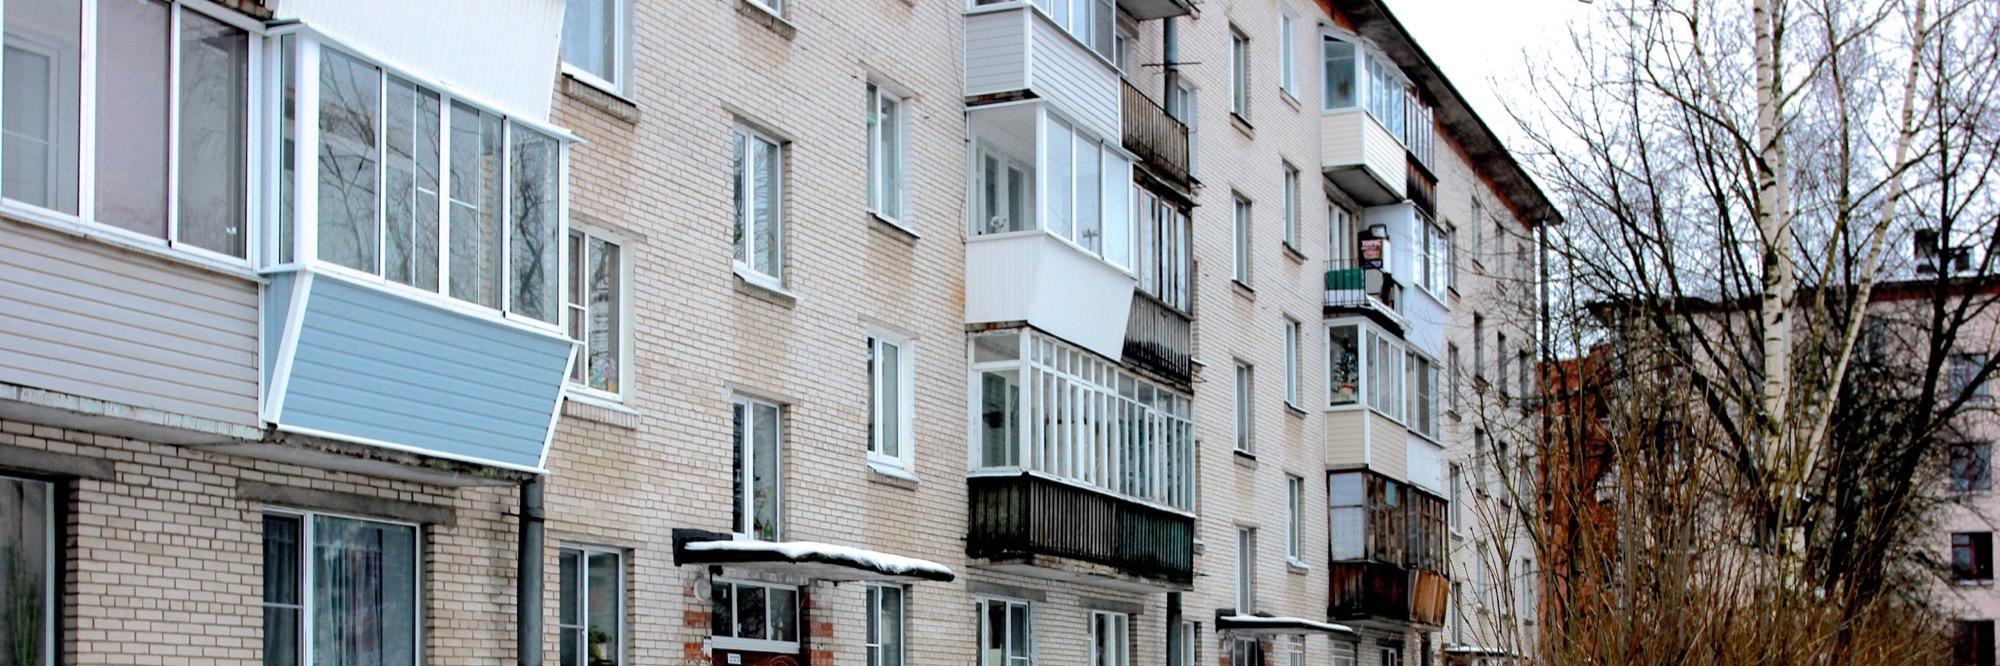 Балконы в домах Хрущёвской серии